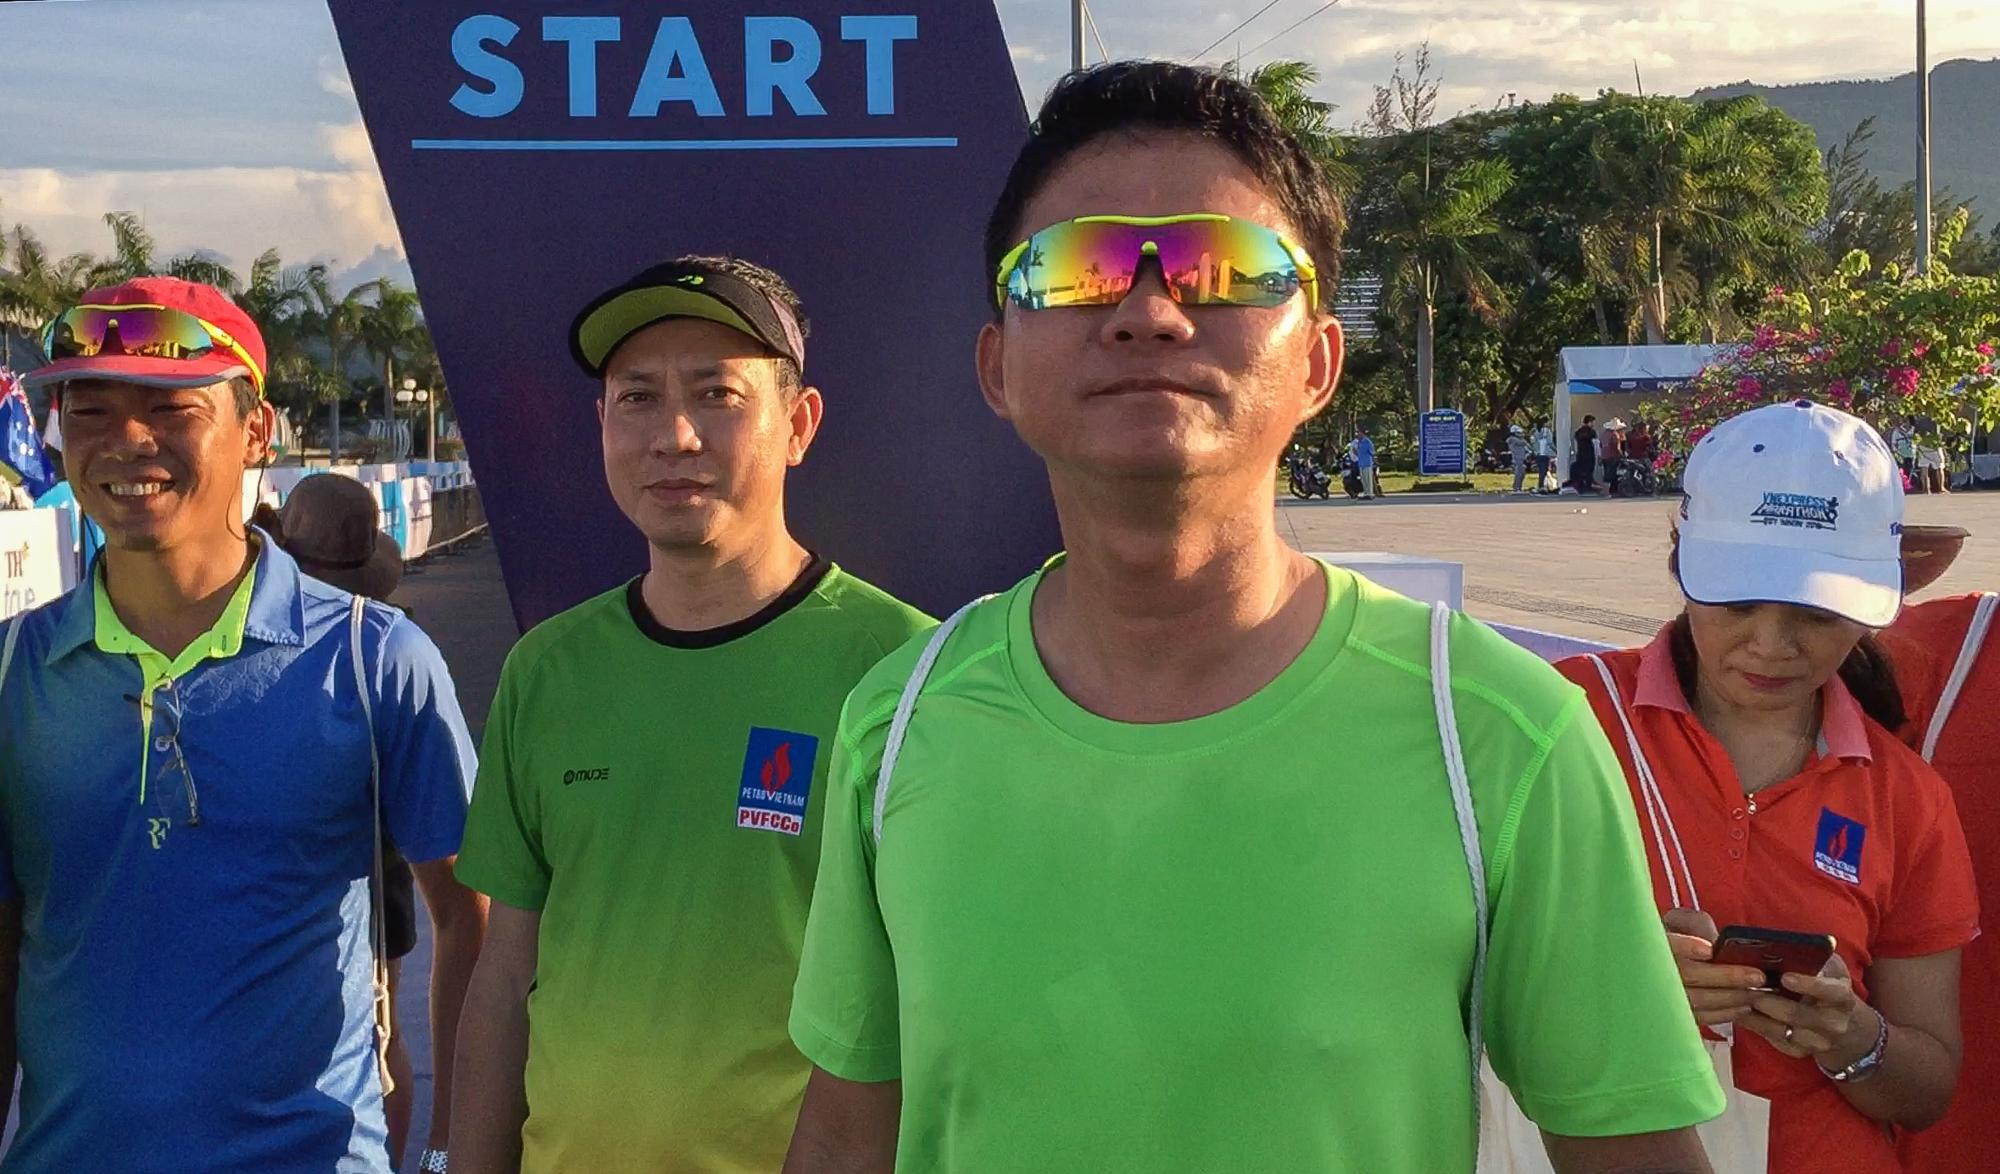 Vận động viên gợi ý hàng loạt trải nghiệm du lịch sau khi chạy marathon